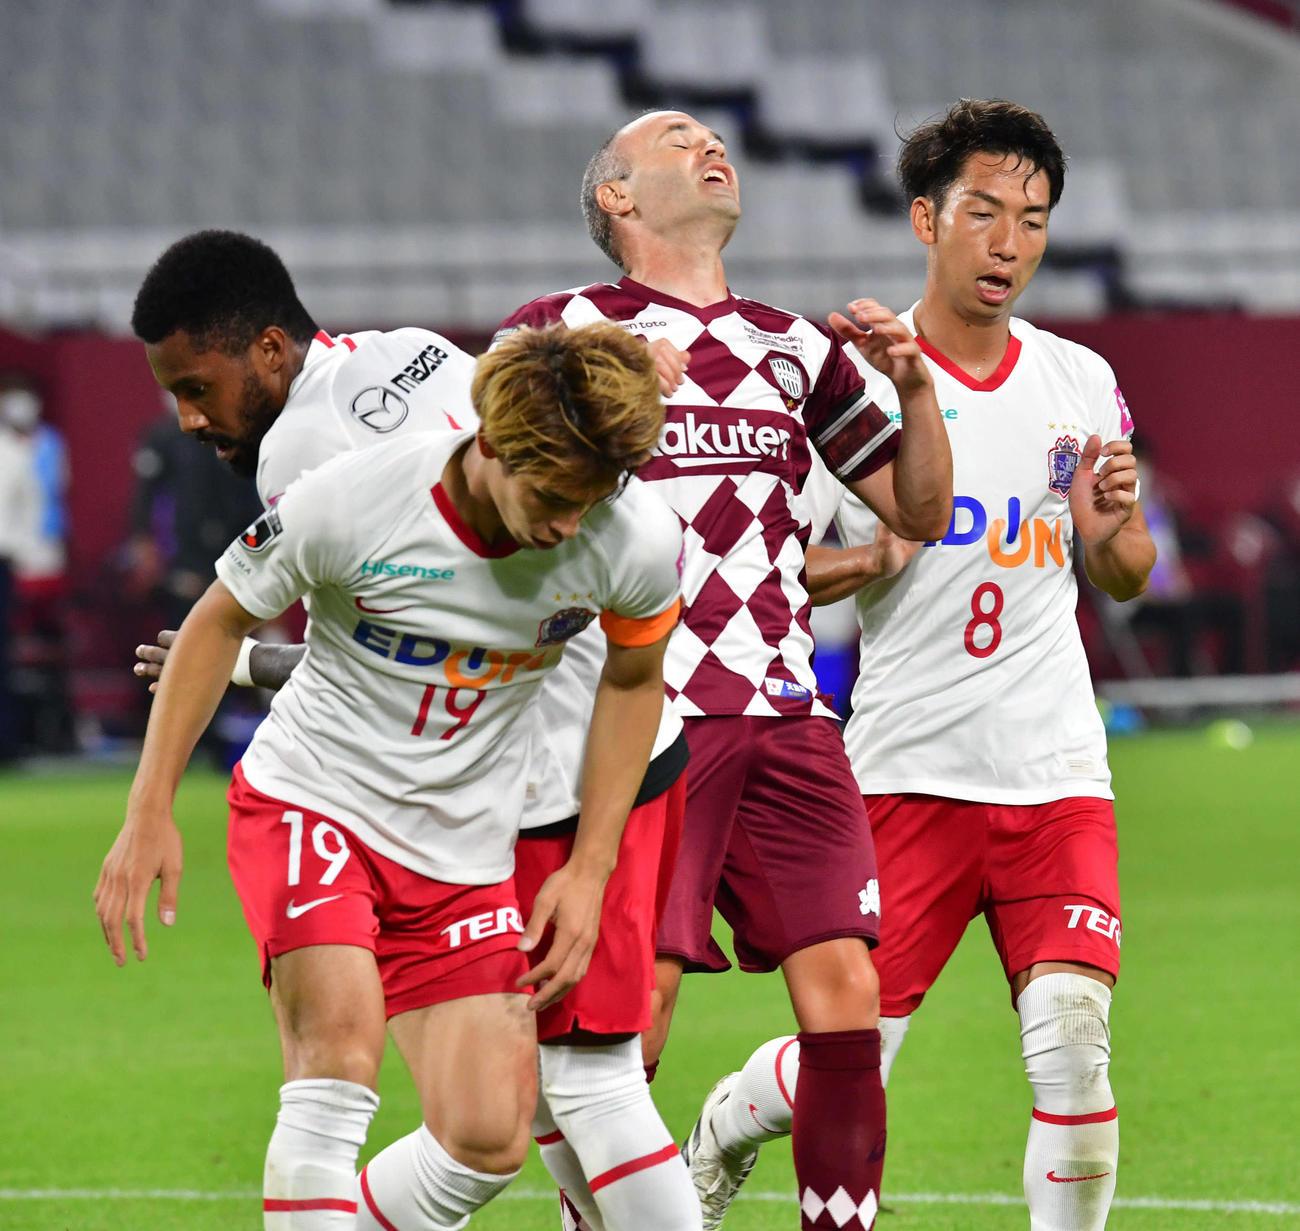 4日、神戸MFイニエスタ(中央)のシュートを阻む広島の選手たち